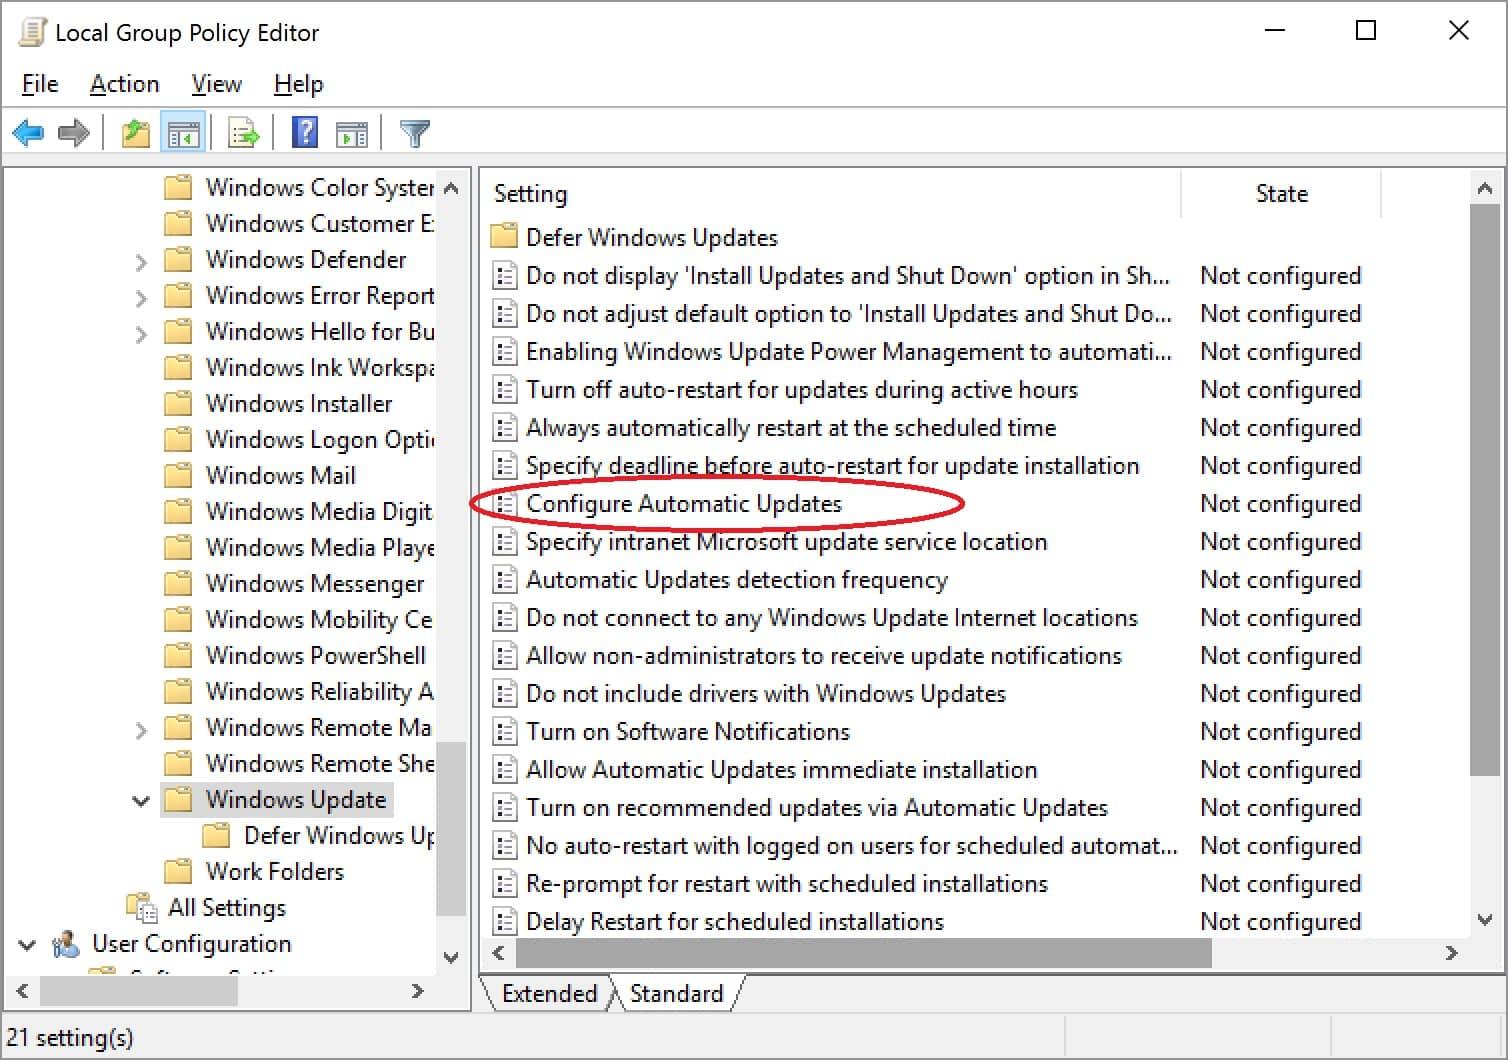 Selanjutnya, akan tampil beberapa tool dan Anda bisa memilih Configure Automatic Update dengan cari klik dua kali pada bagian mouse